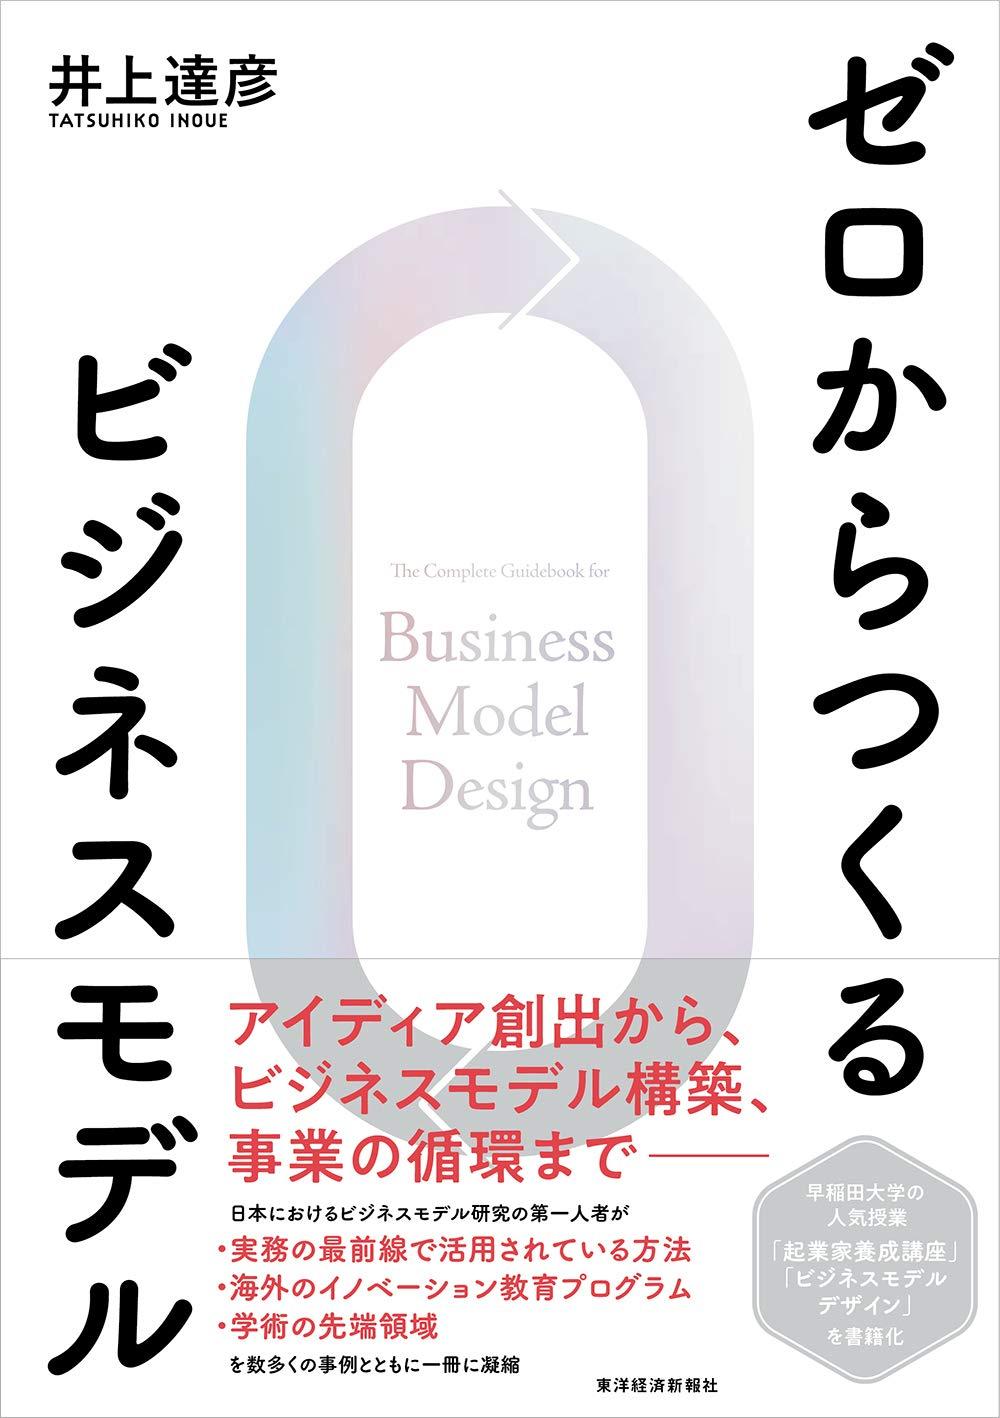 ゼロ から つくる ビジネス モデル